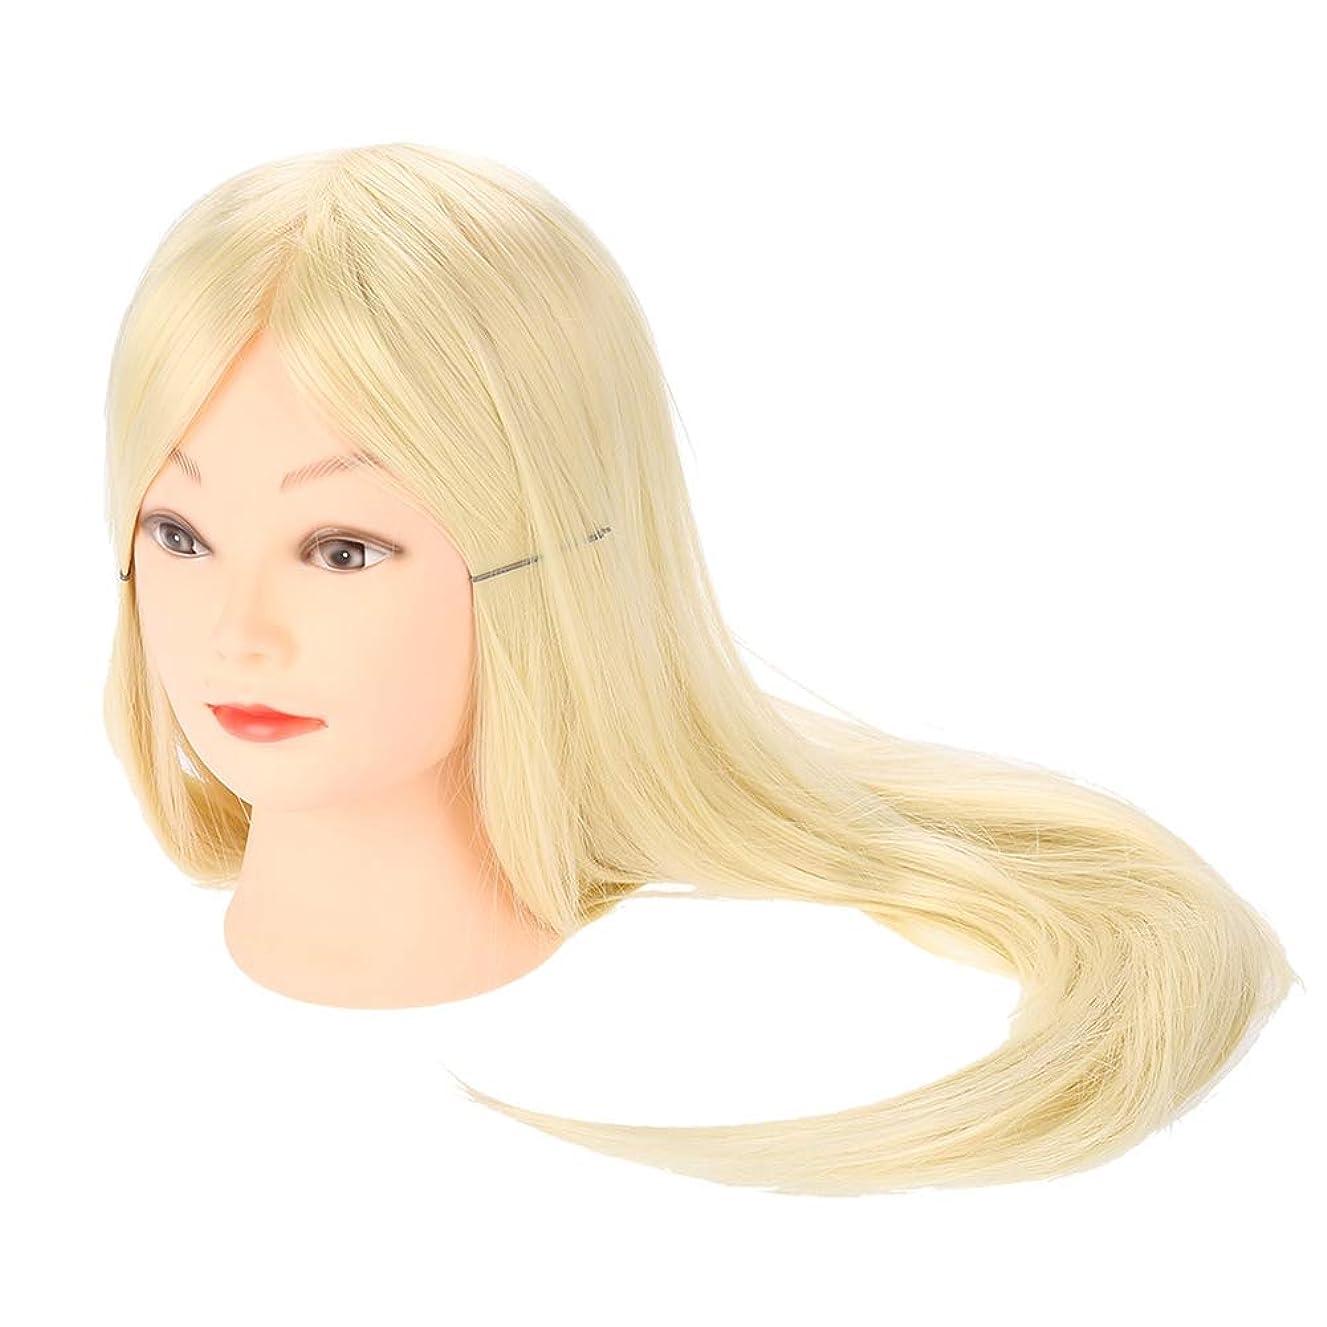 編み込み練習用 モデルロングヘア理髪 編組セットツール 美容室サロン ウィッグマネキンヘッド メイクトレーニング用 ヘア編み込み ダミーヘッド レディウィッグ レディー